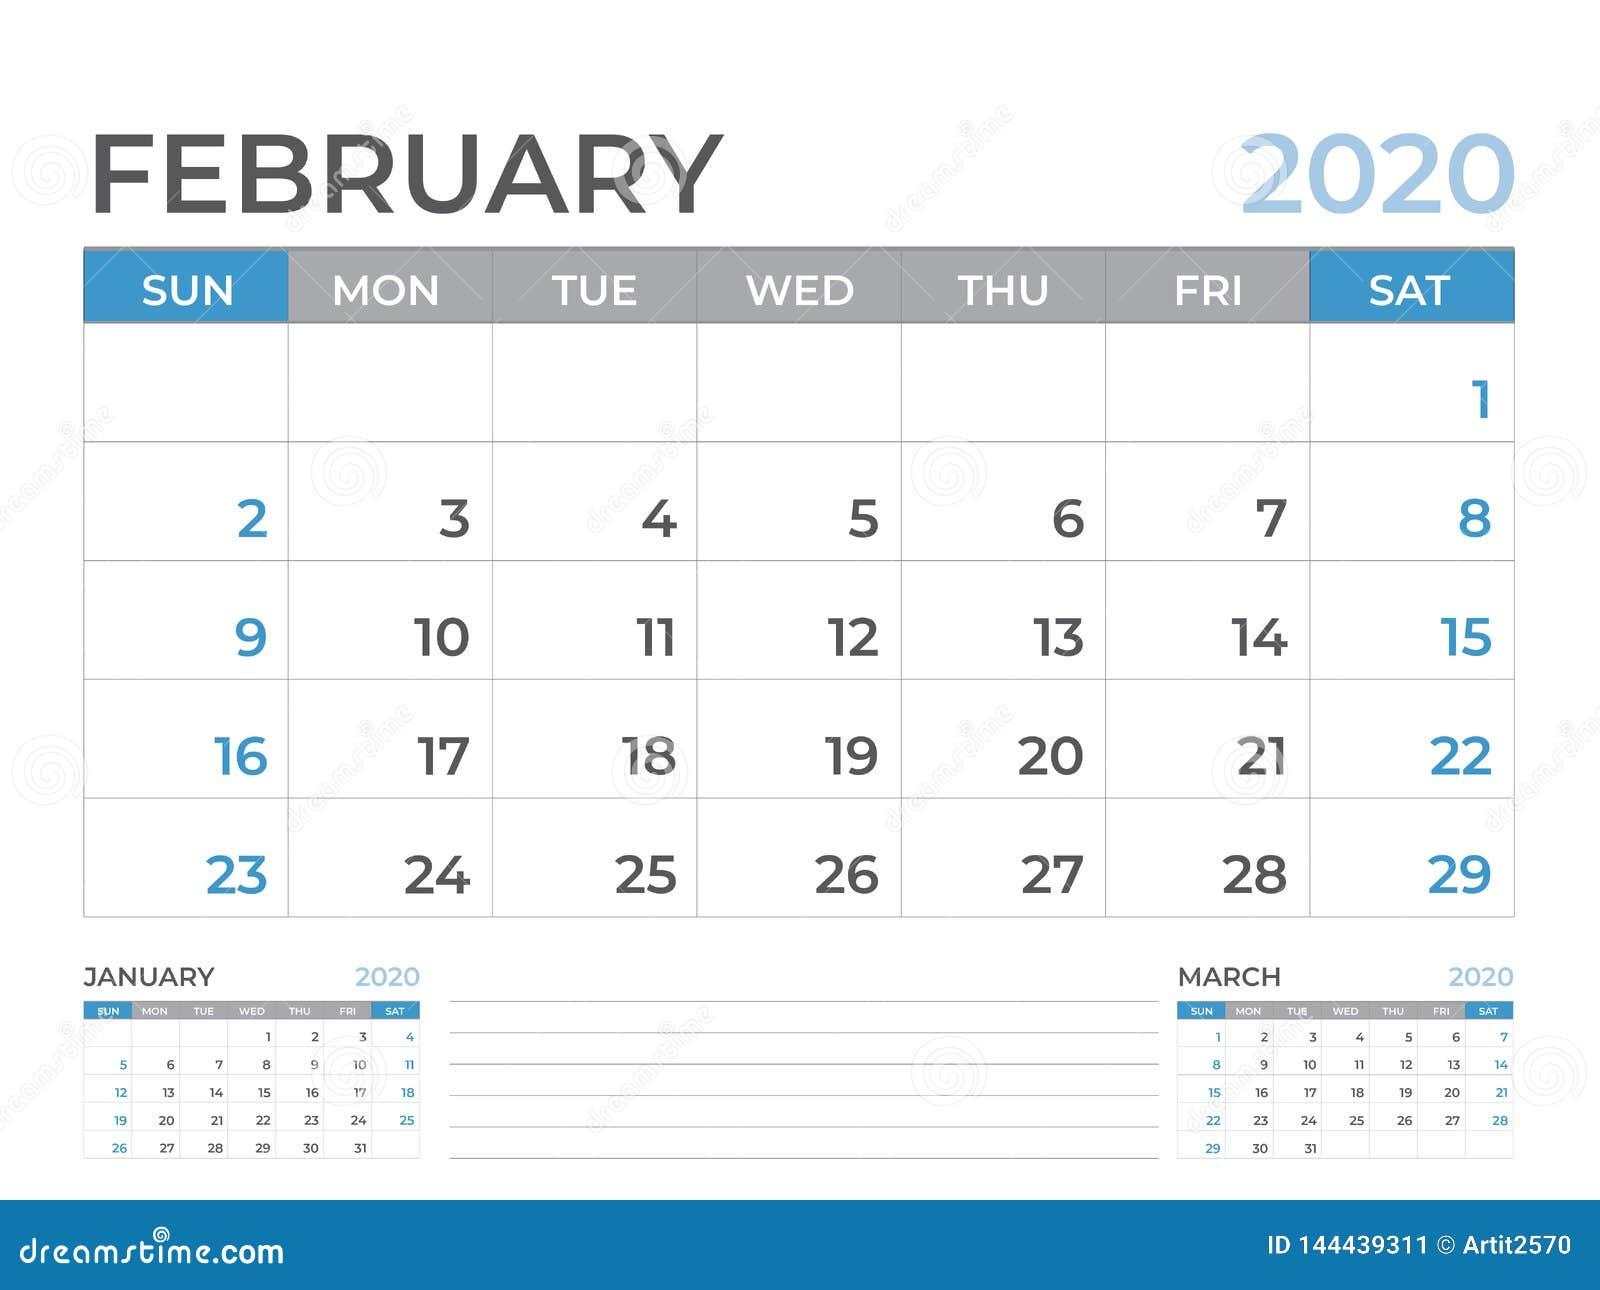 Calendrier Février 2020.Fevrier 2020 Calibre De Calendrier Taille De Disposition De